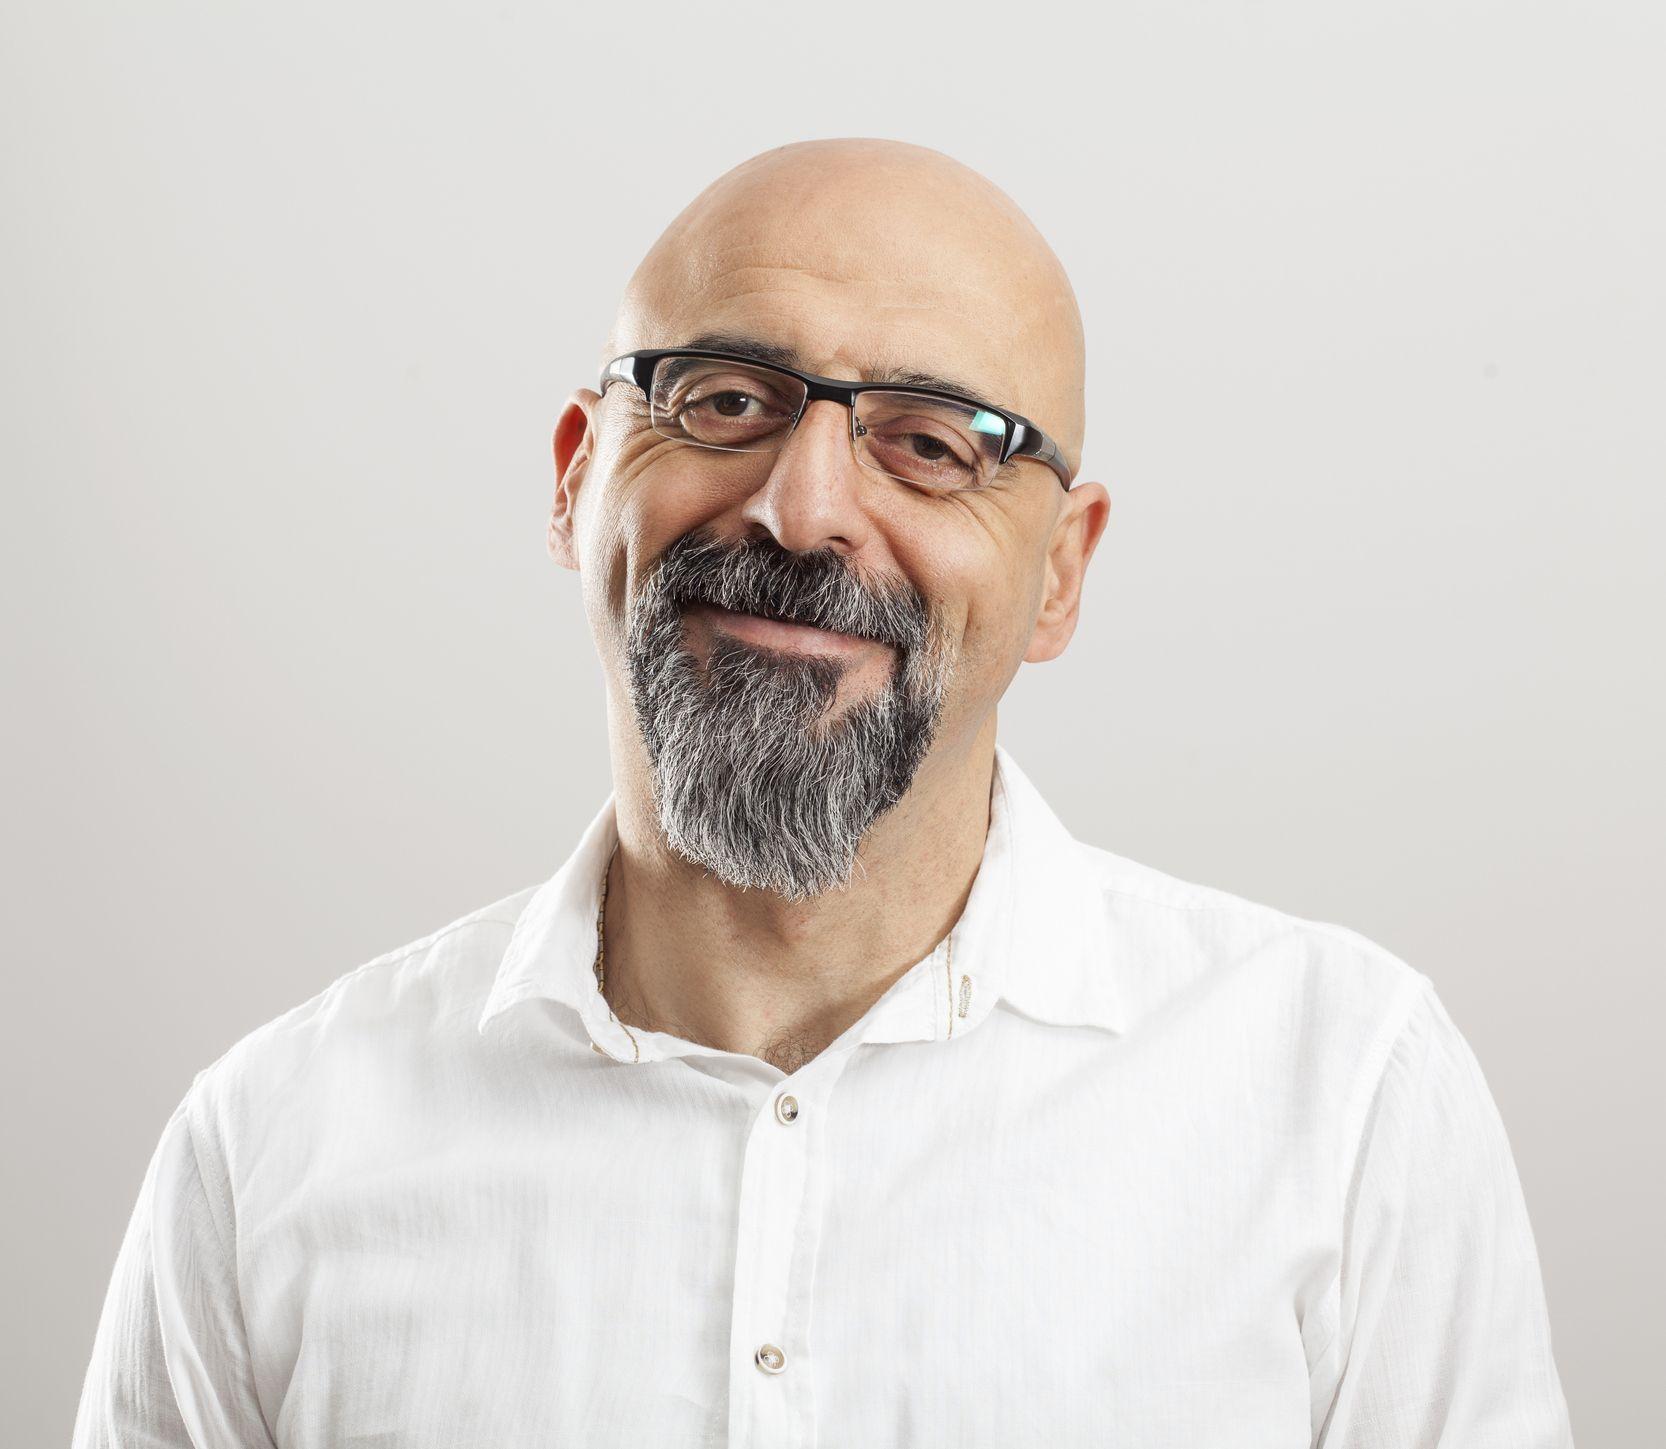 Prečo mužom vypadávajú vlasy? Na plešatosť stále neexistuje účinný liek